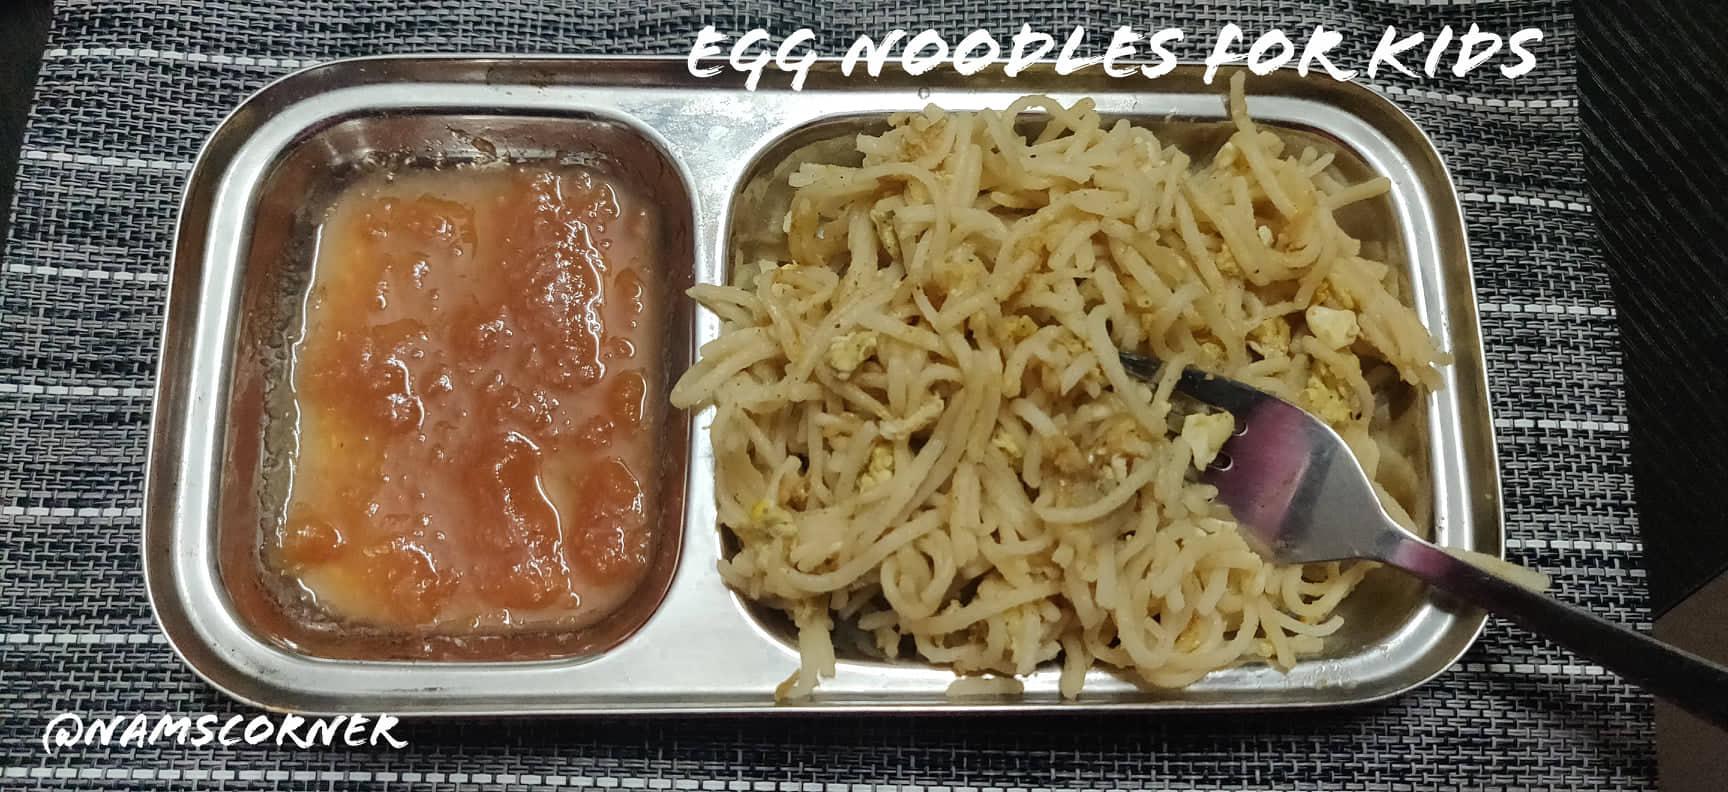 Egg noodles for kids | Kids special Egg Noodles Recipe